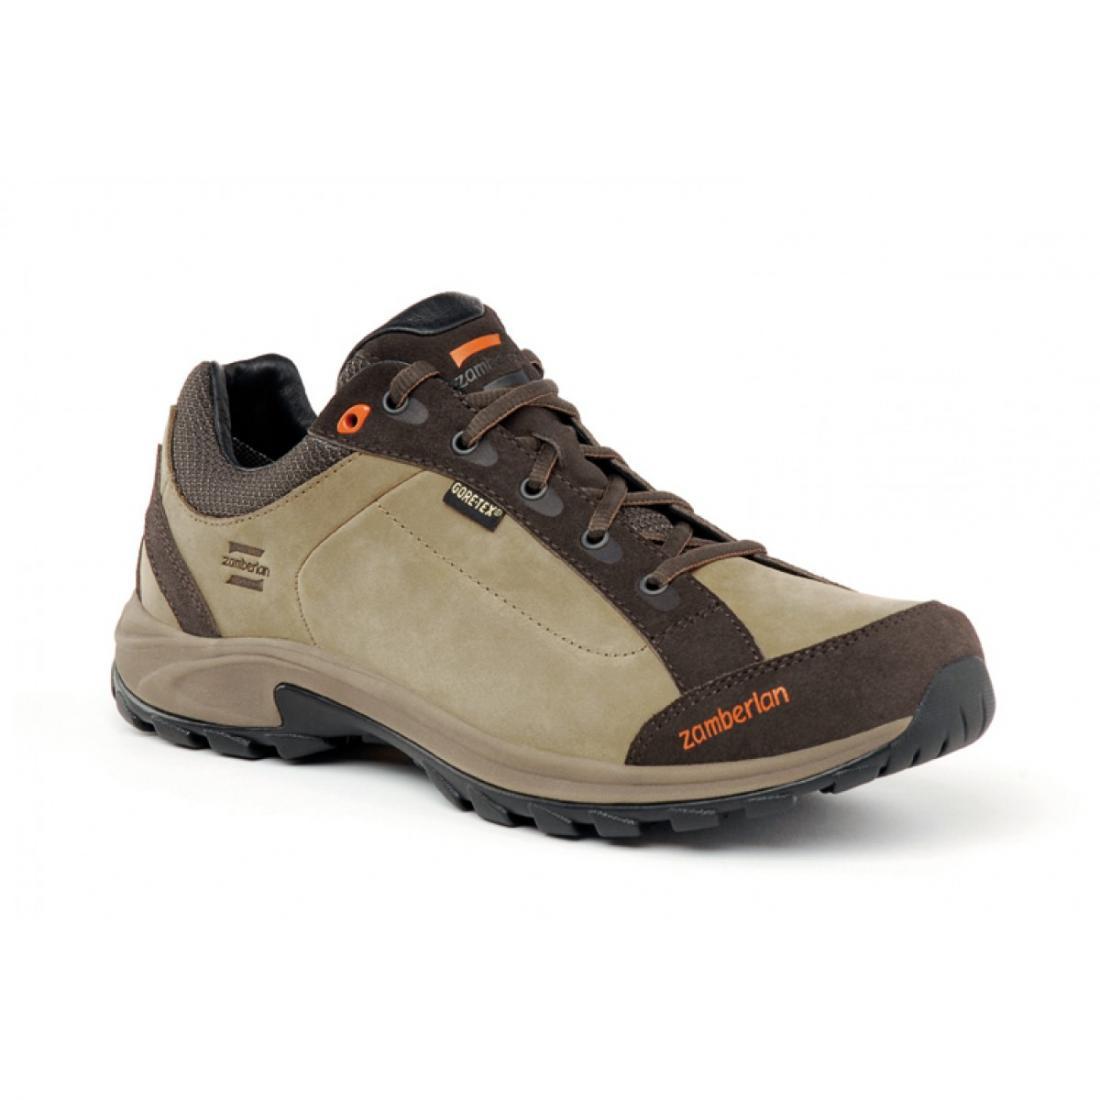 Ботинки 241 VISTA GTXТреккинговые<br><br><br>Цвет: Коричневый<br>Размер: 42